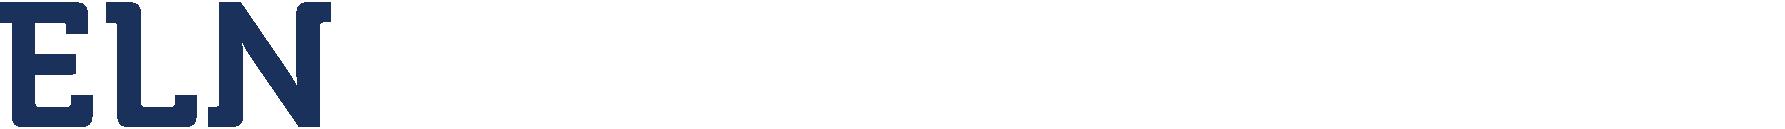 ELN Investigations Text Logo